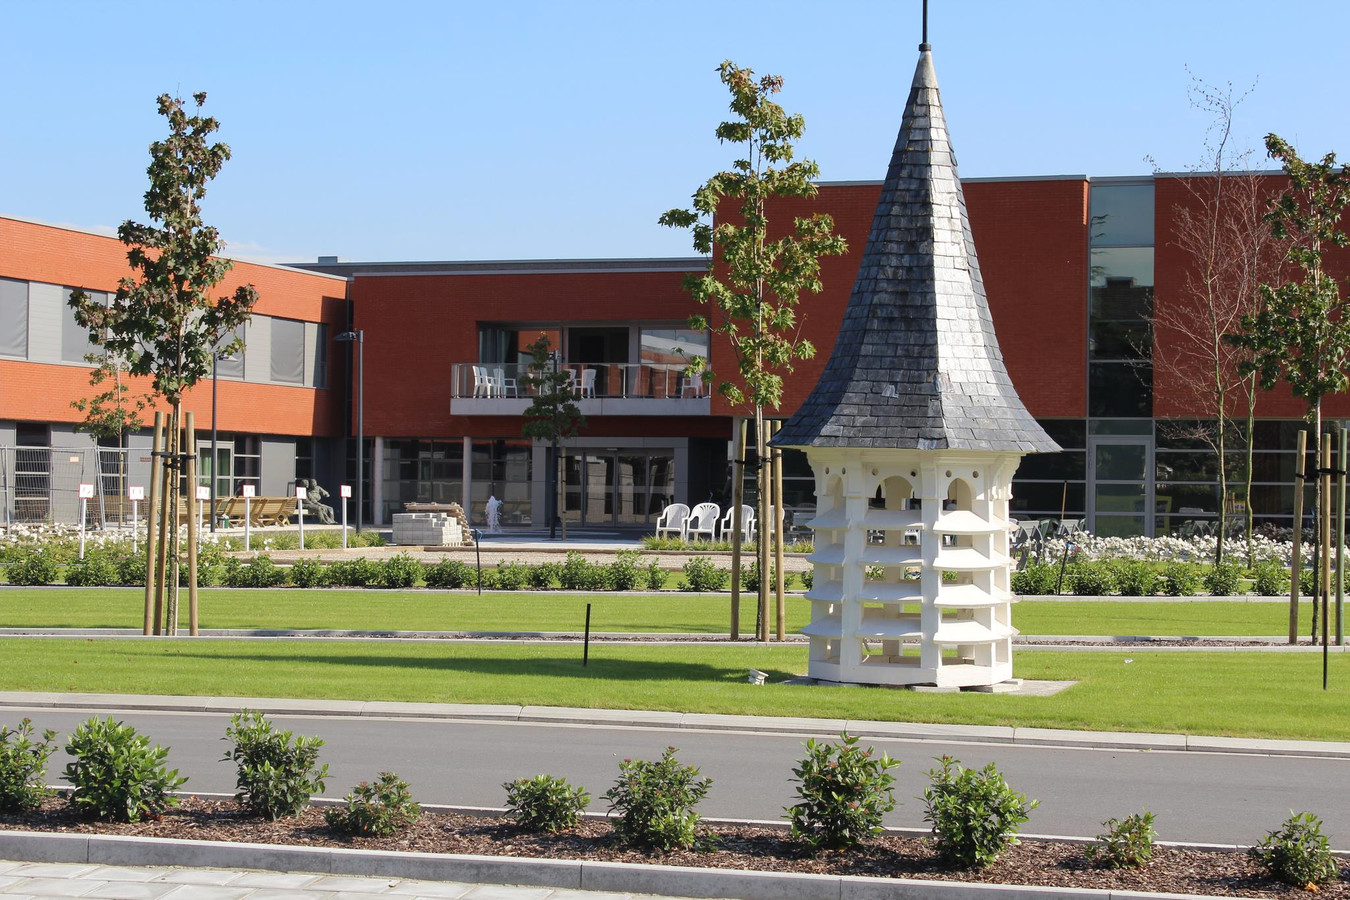 Het woonzorgcentrum van Kachtem toonde eerder al aan dat een torentje van een ouder gebouw gerecupereerd kan worden. Het kreeg een nieuwe plaats in de voortuin van het nieuwe woonzorgcomplex.